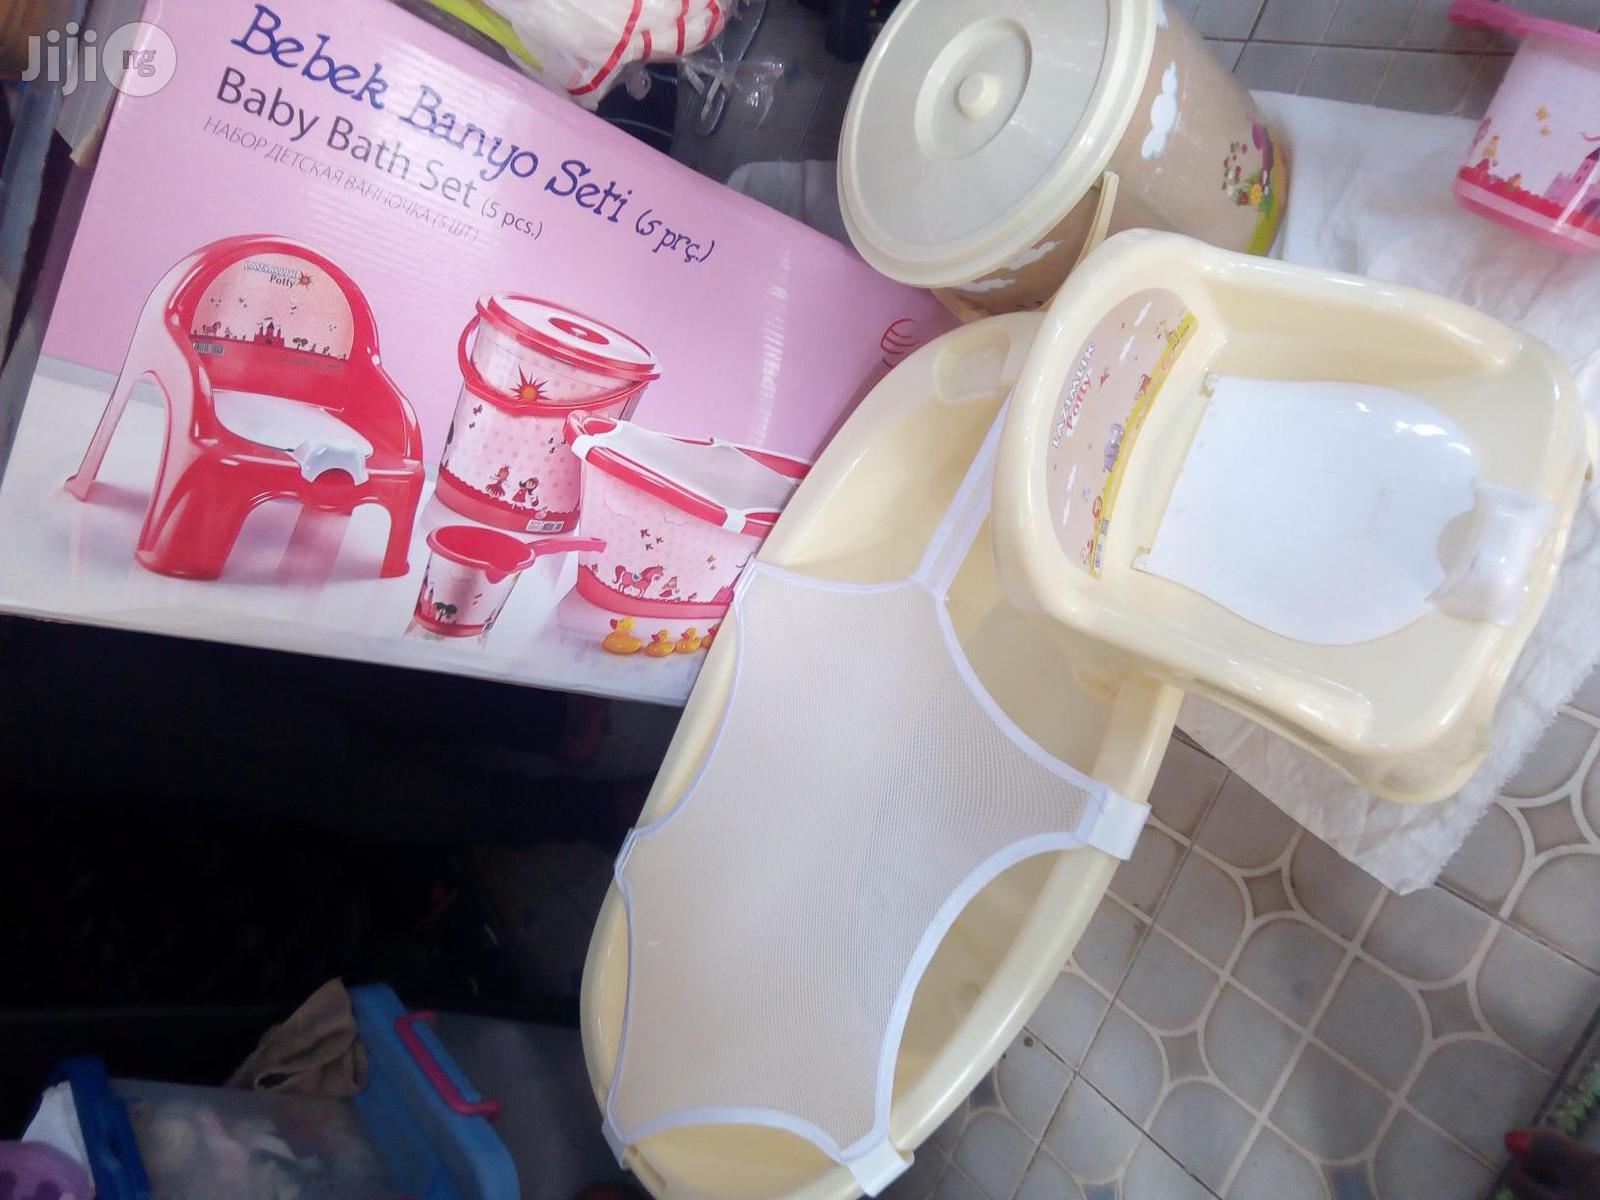 Quality Baby Bathing Set